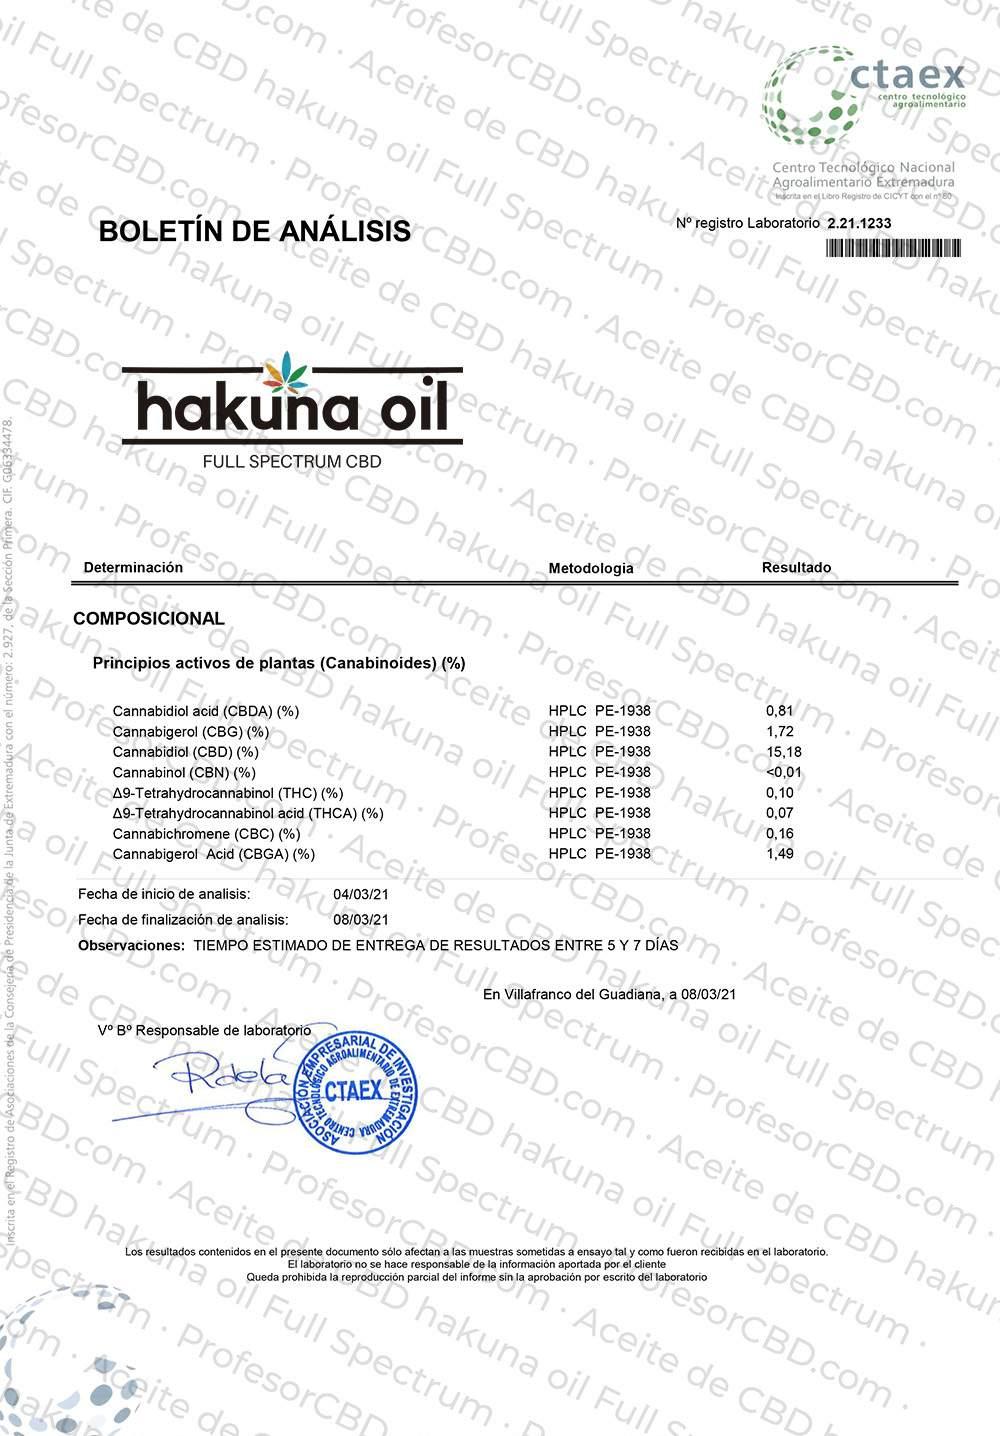 hakuna oil 15% aceite cbd analítica cannabinoides profesorcbd